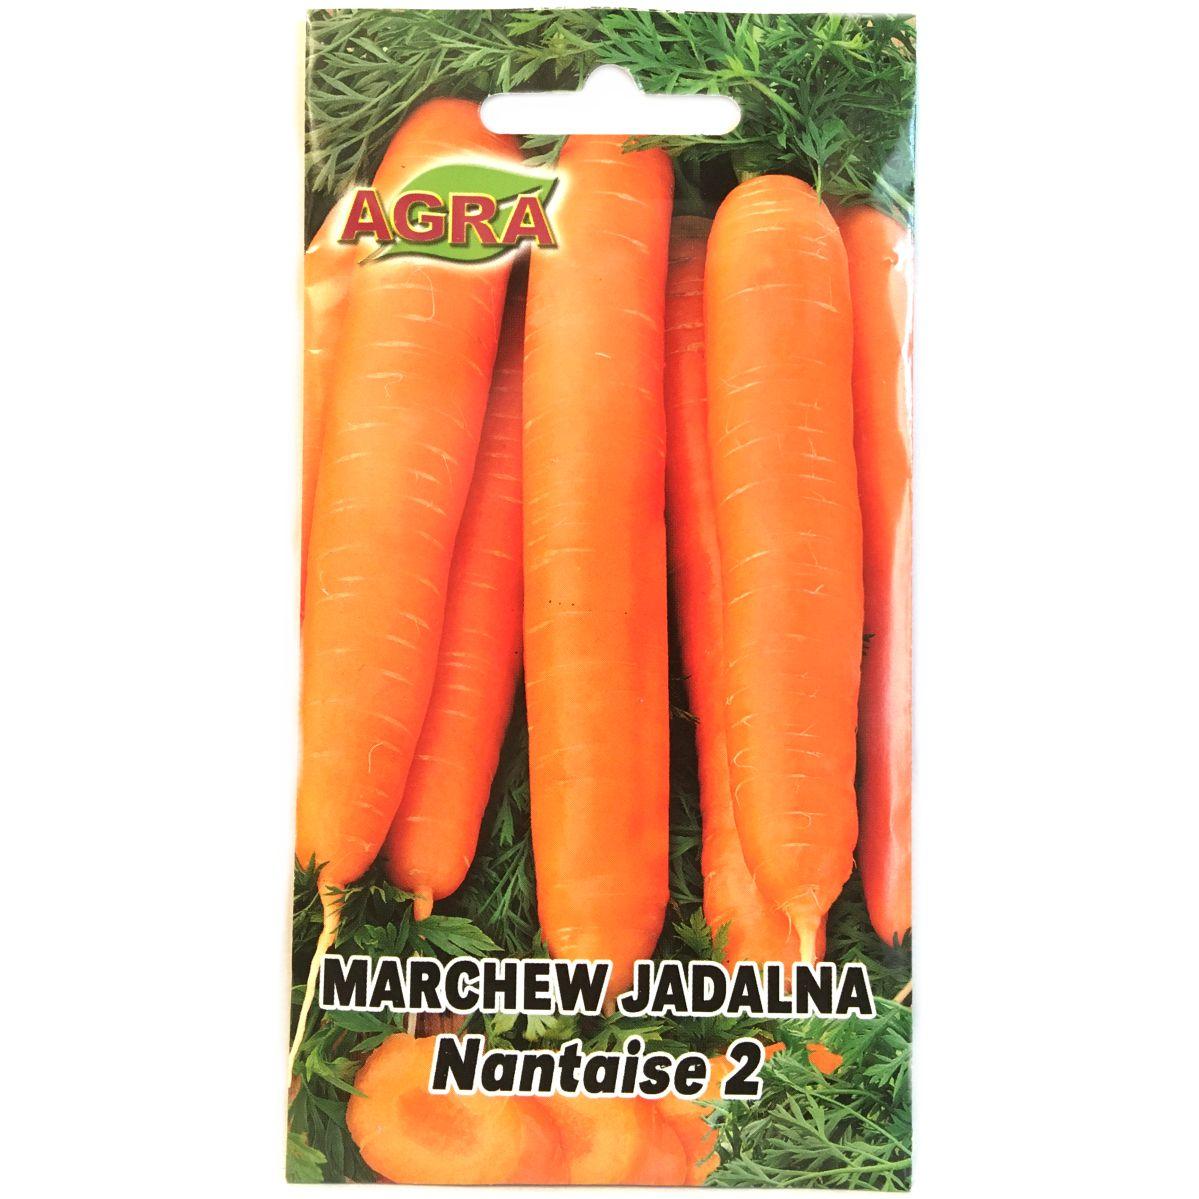 Marchew Nantaise 2 nasiona Agra